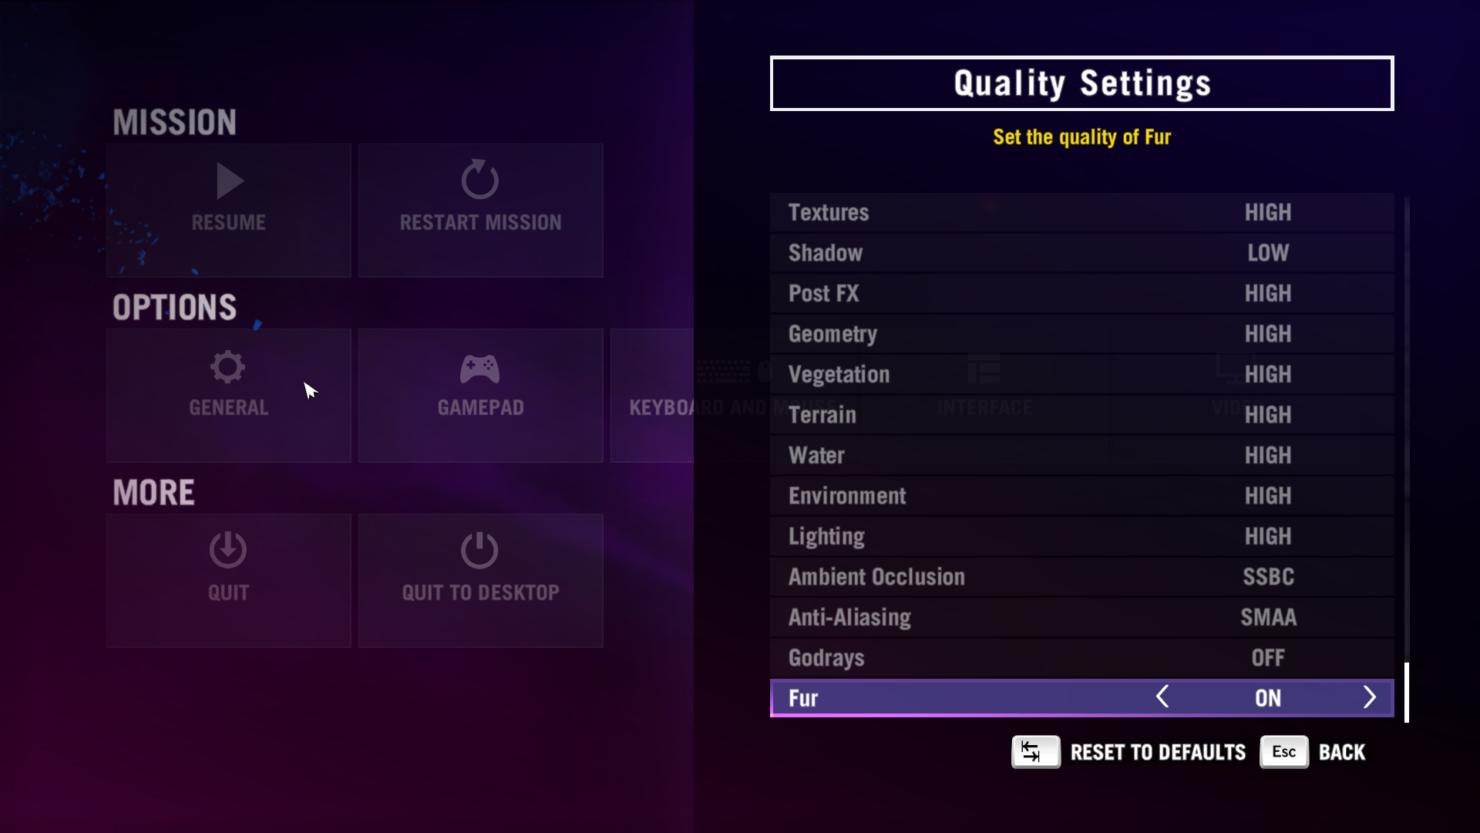 far-cry-4-settings-menu-6